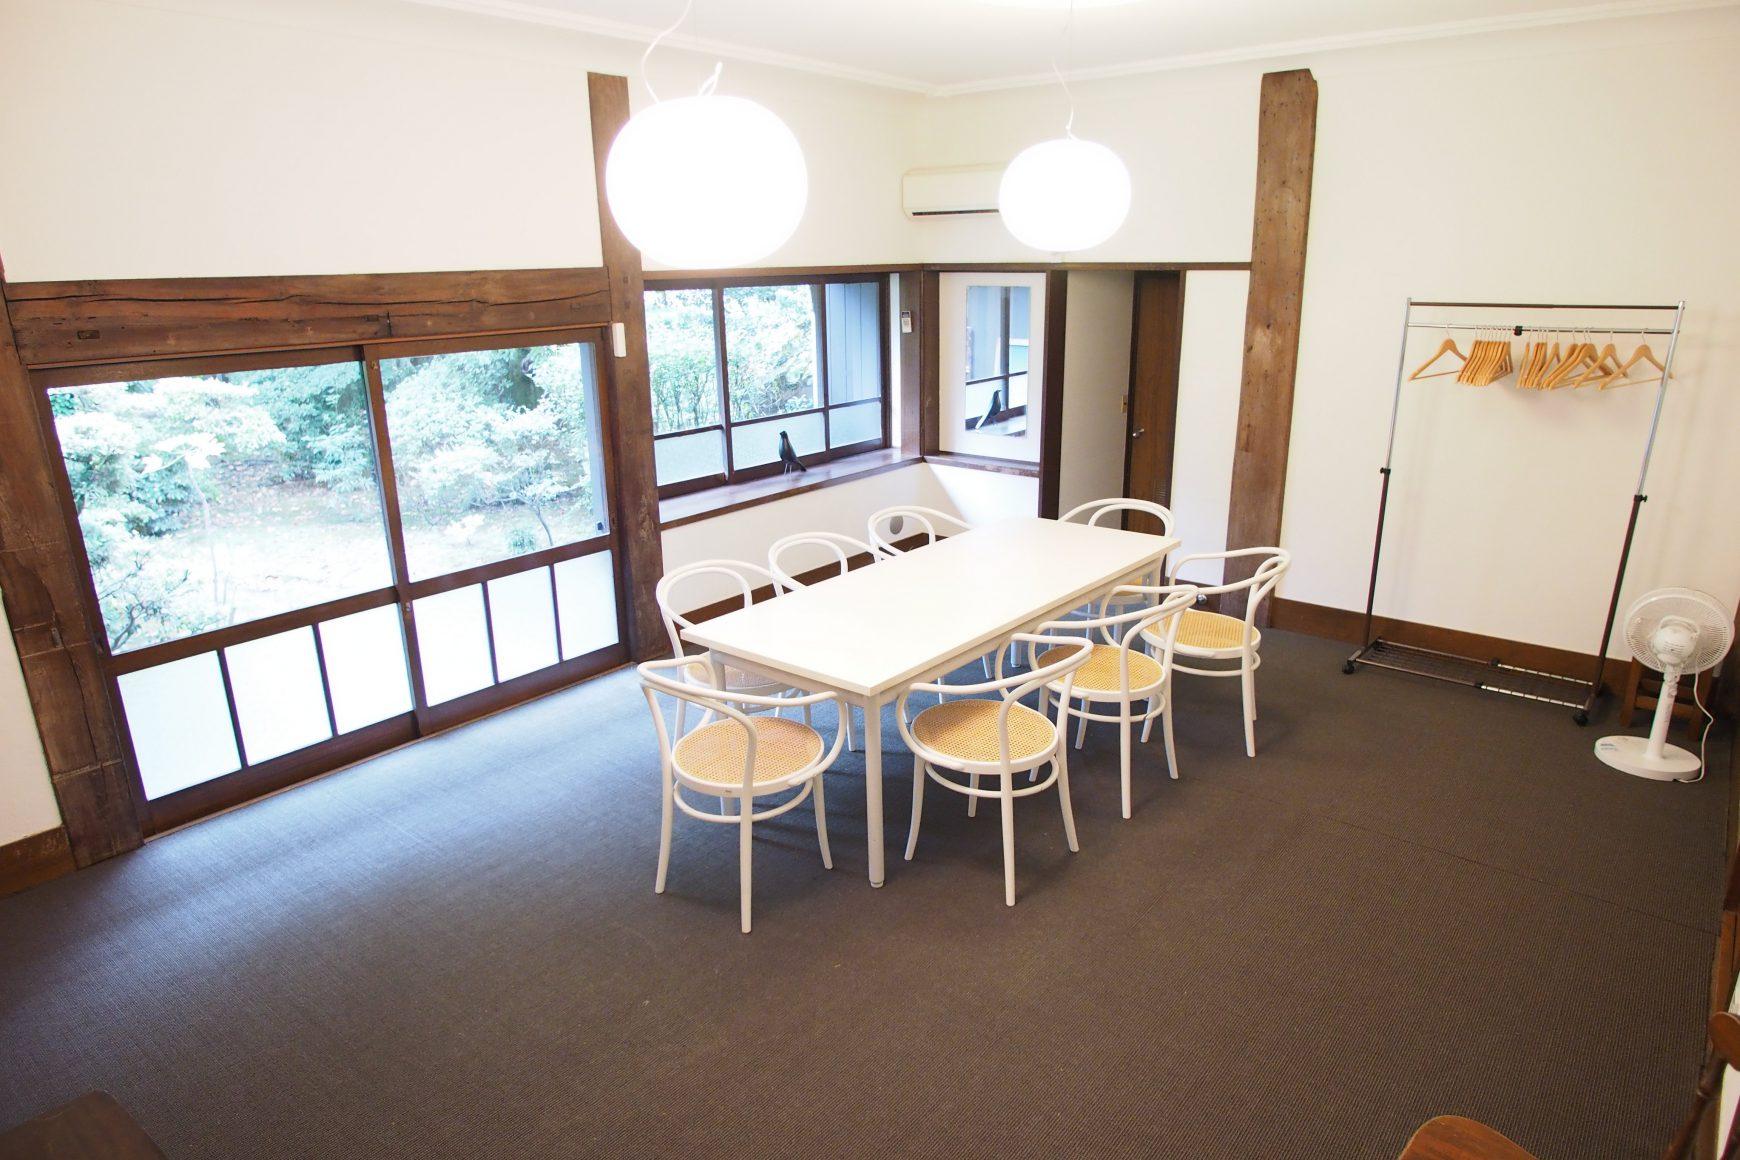 こちらは洋室になります。撮影というよりタレントの方々の控室としてご利用頂くことが多いです。